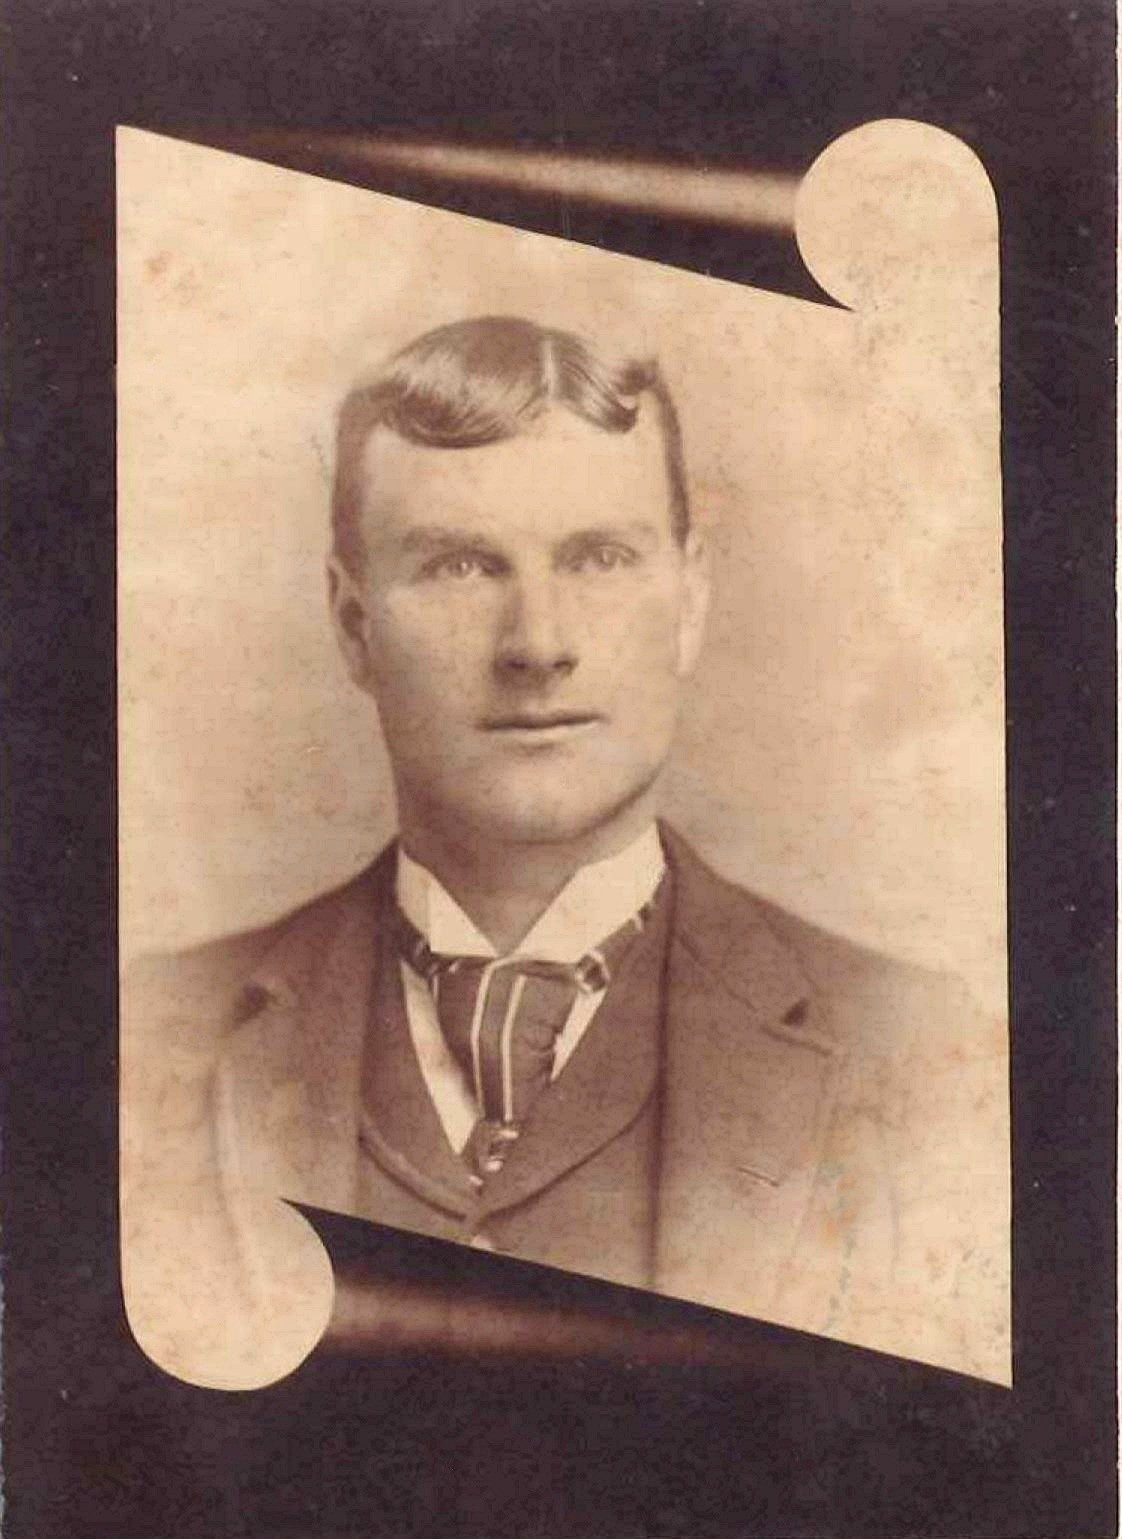 Officer William Amslom Baber, Sr. | Decatur Police Department, Alabama